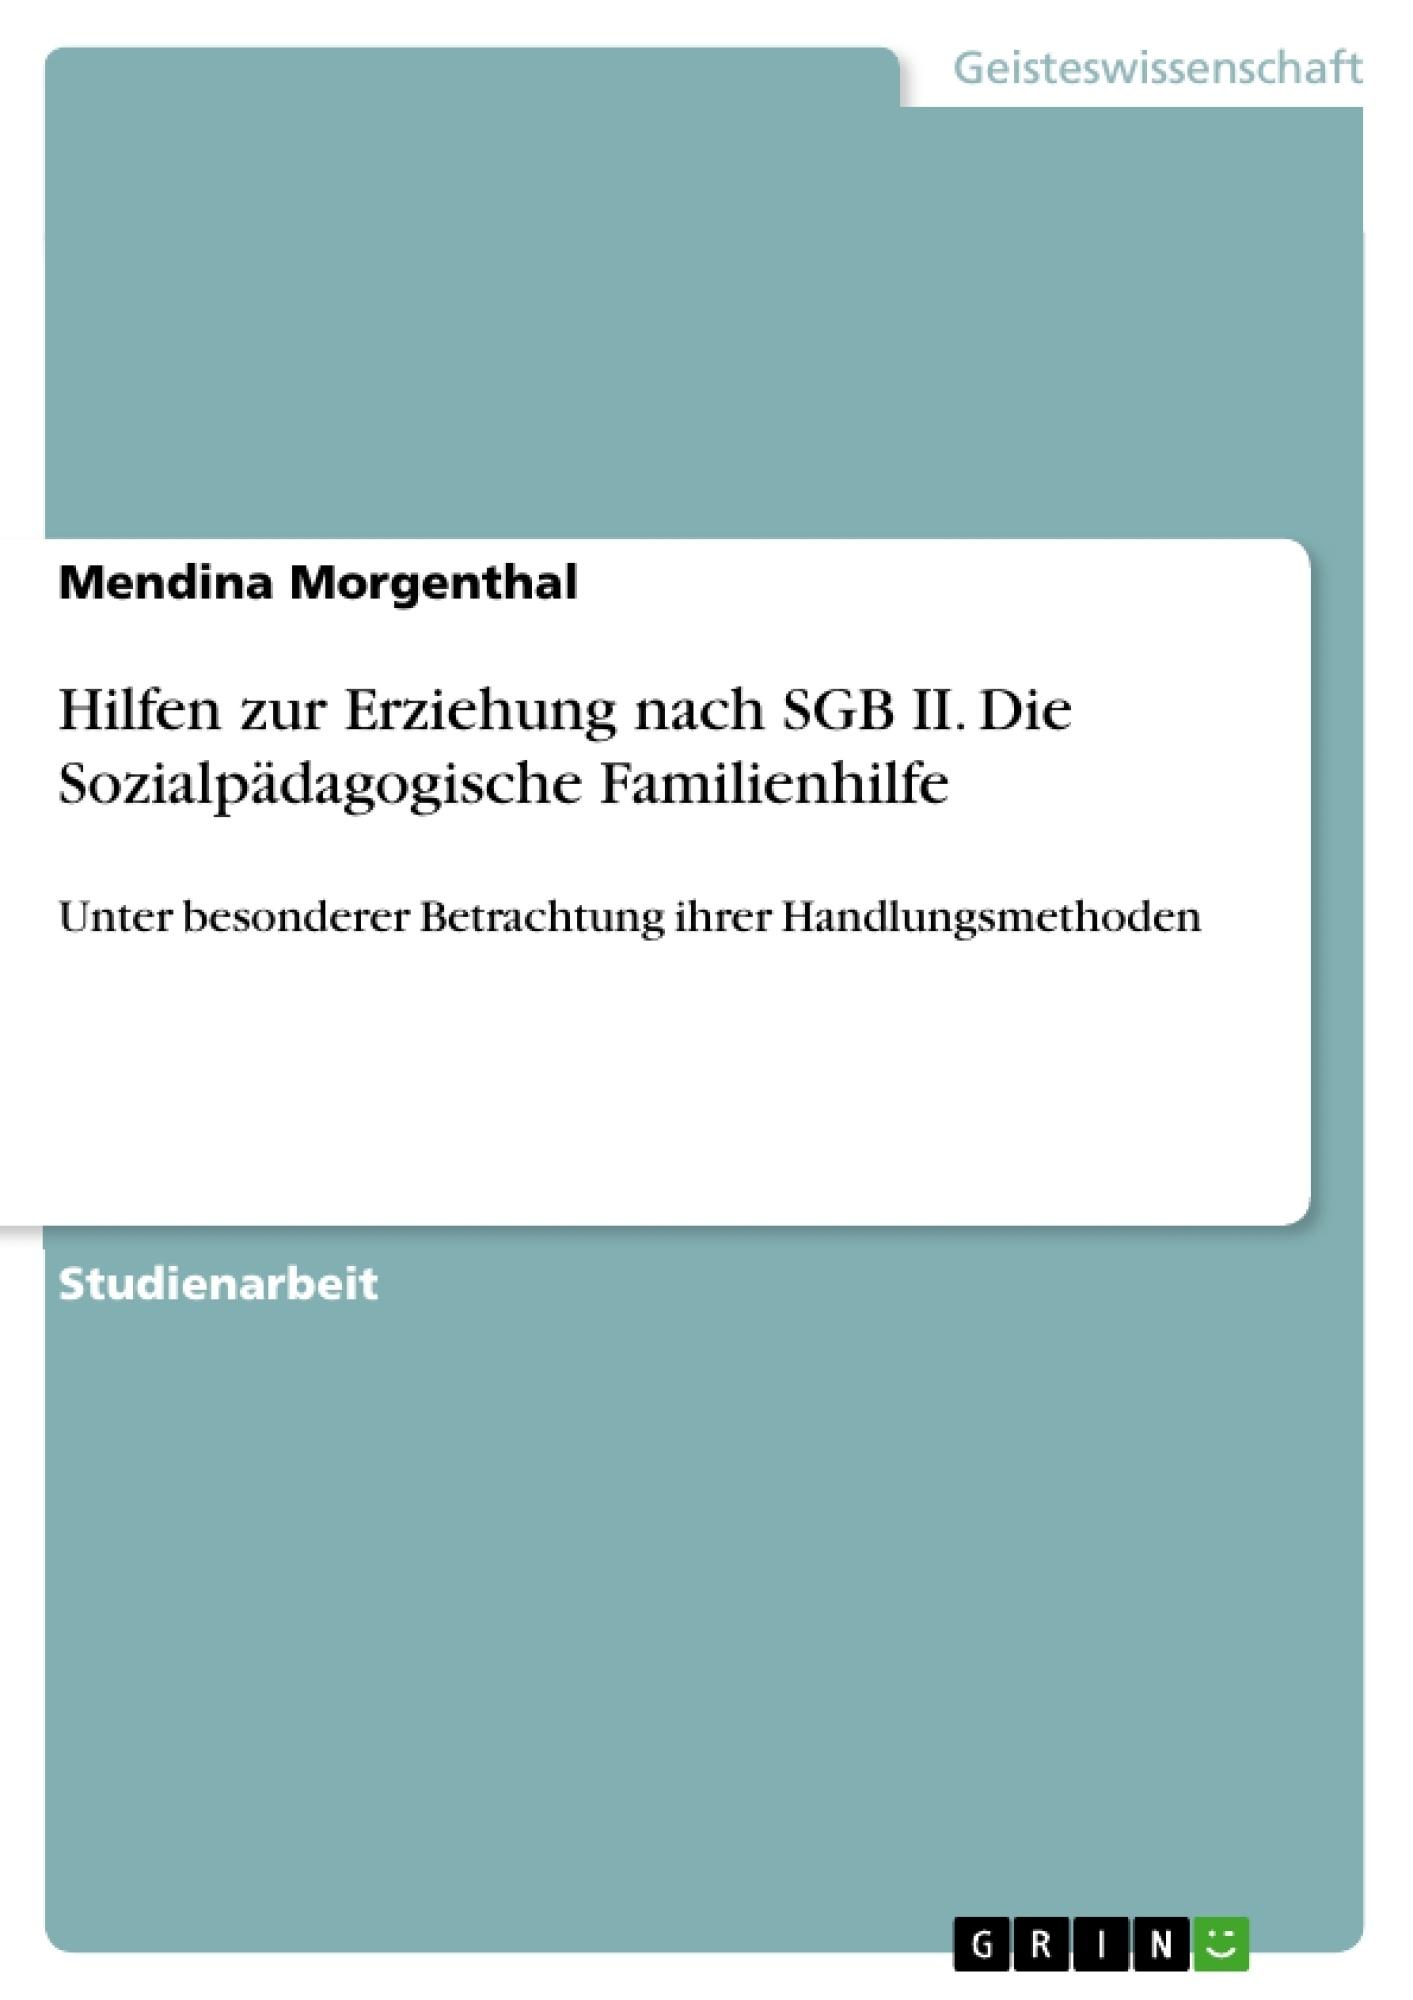 Titel: Hilfen zur Erziehung nach SGB II. Die Sozialpädagogische Familienhilfe